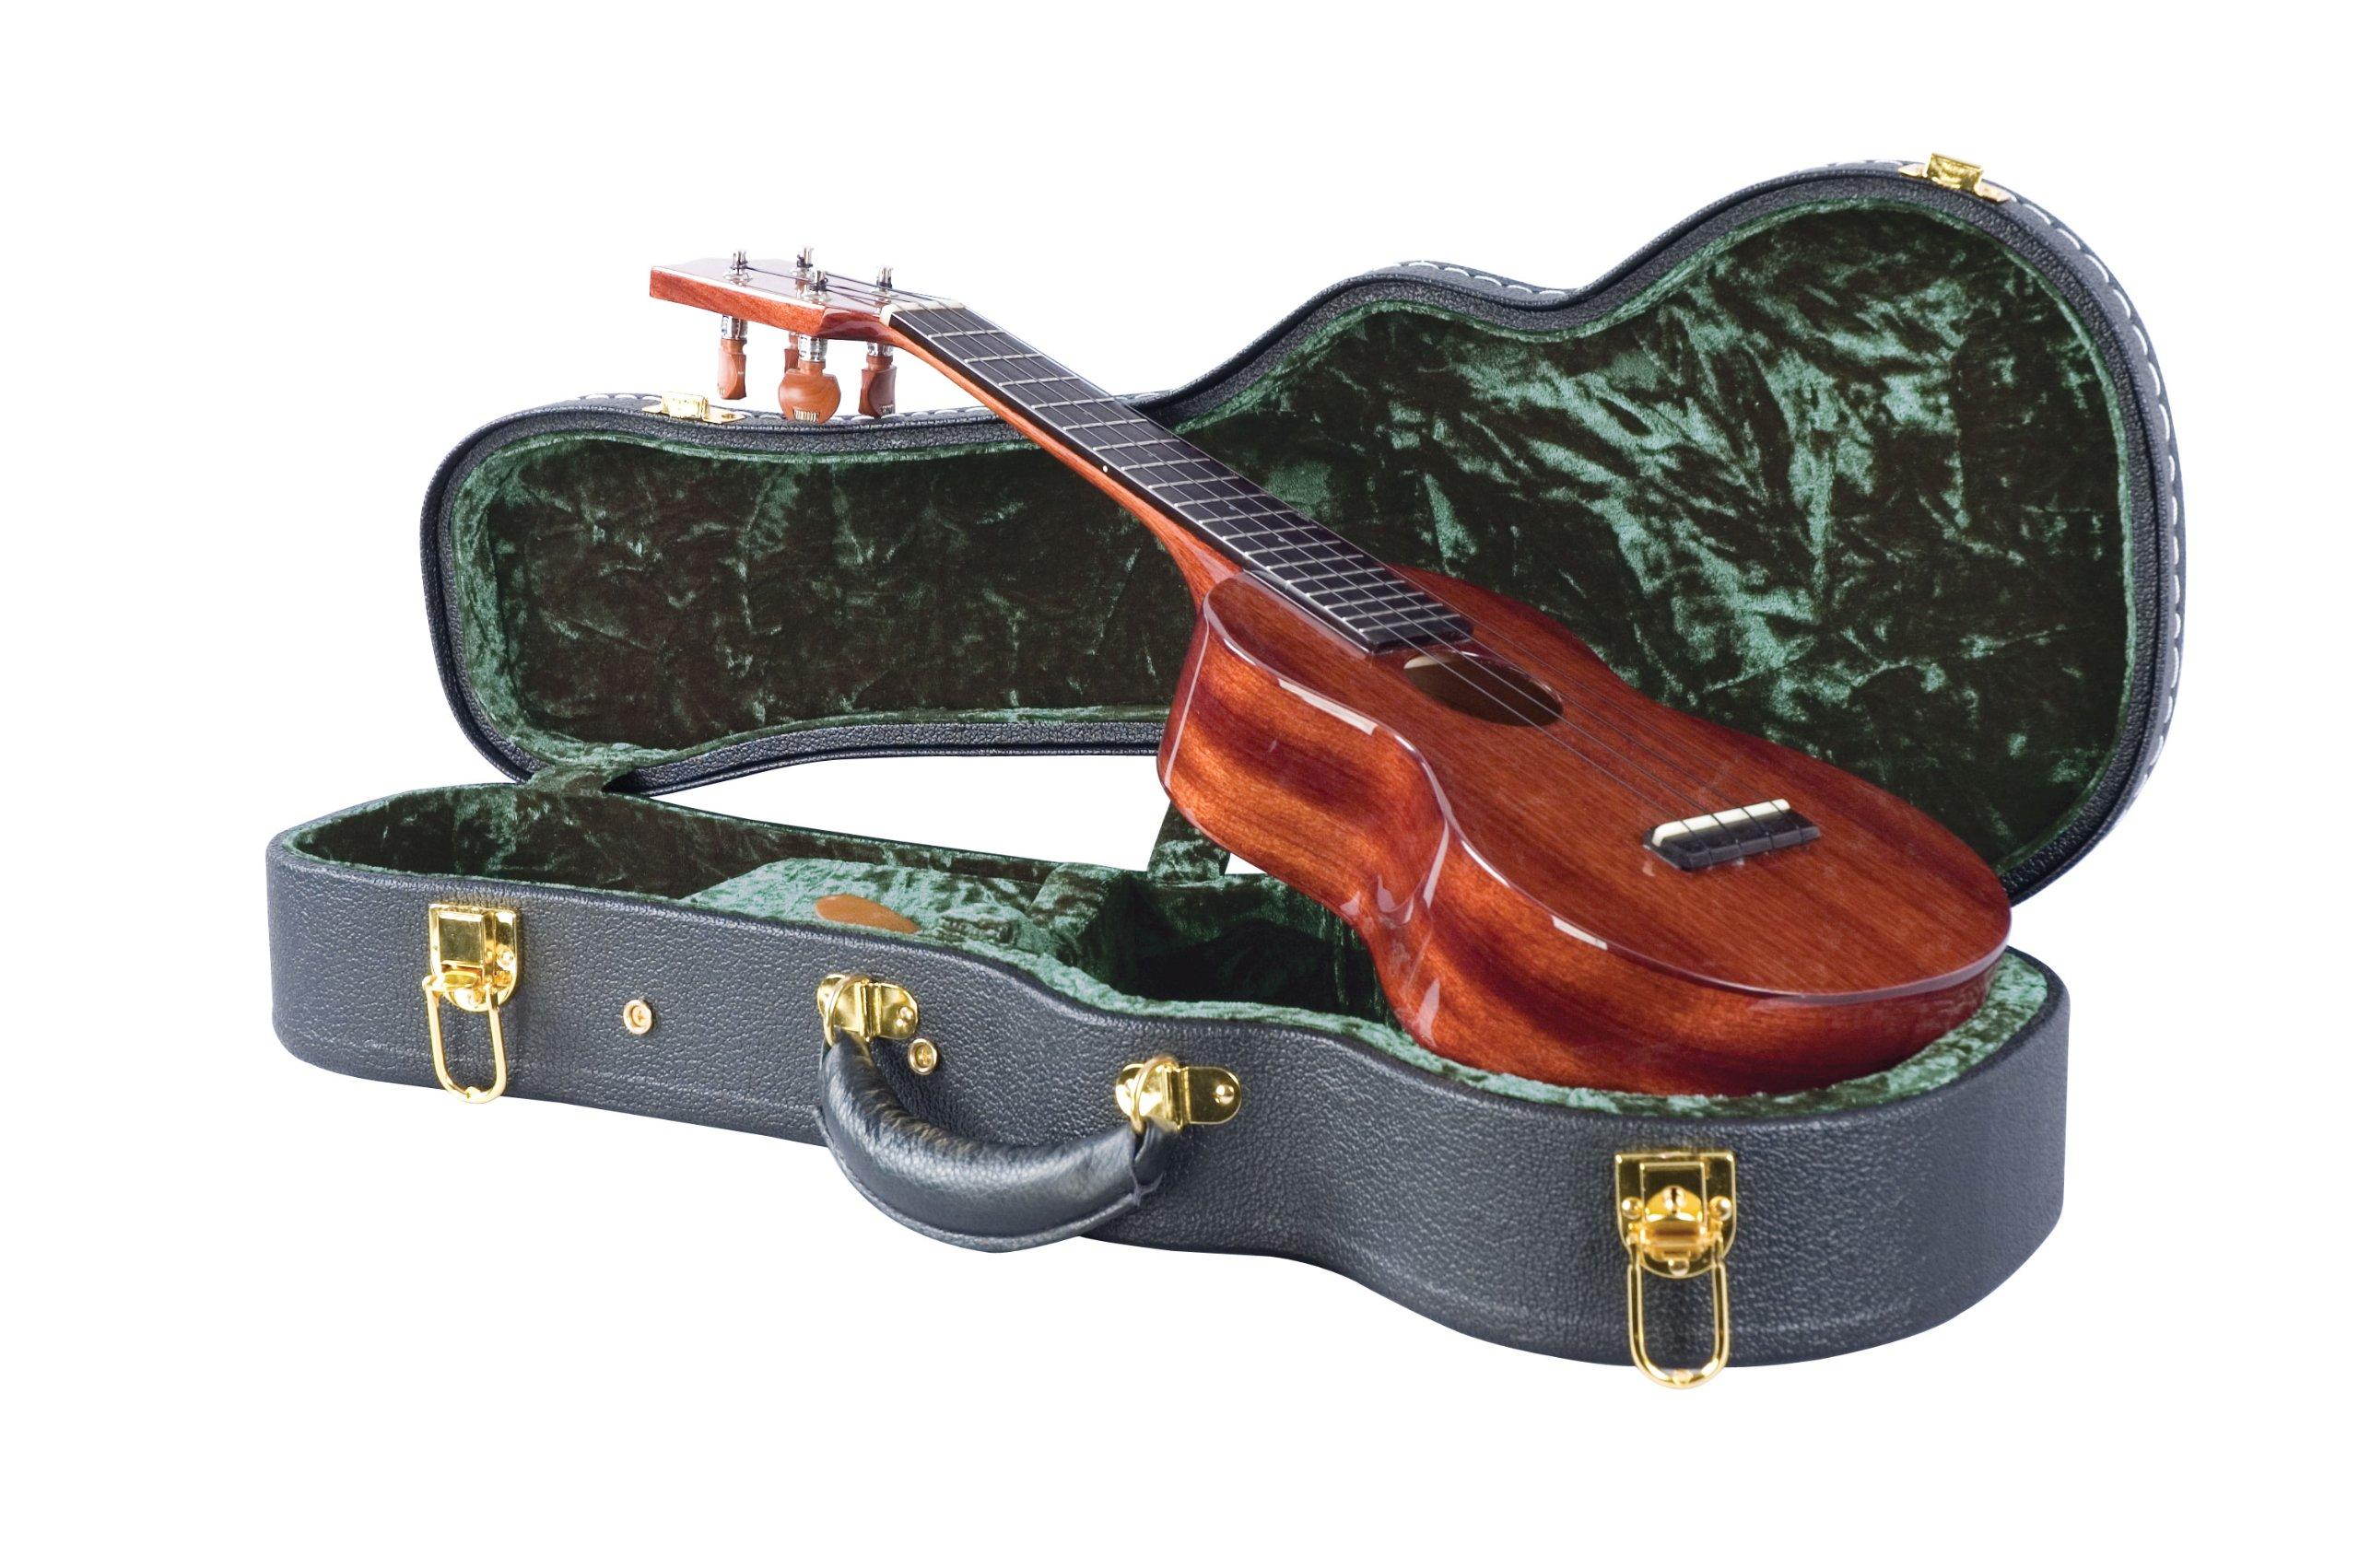 Guardian CG-044-UC Vintage Hardshell Case, Concert Ukulele